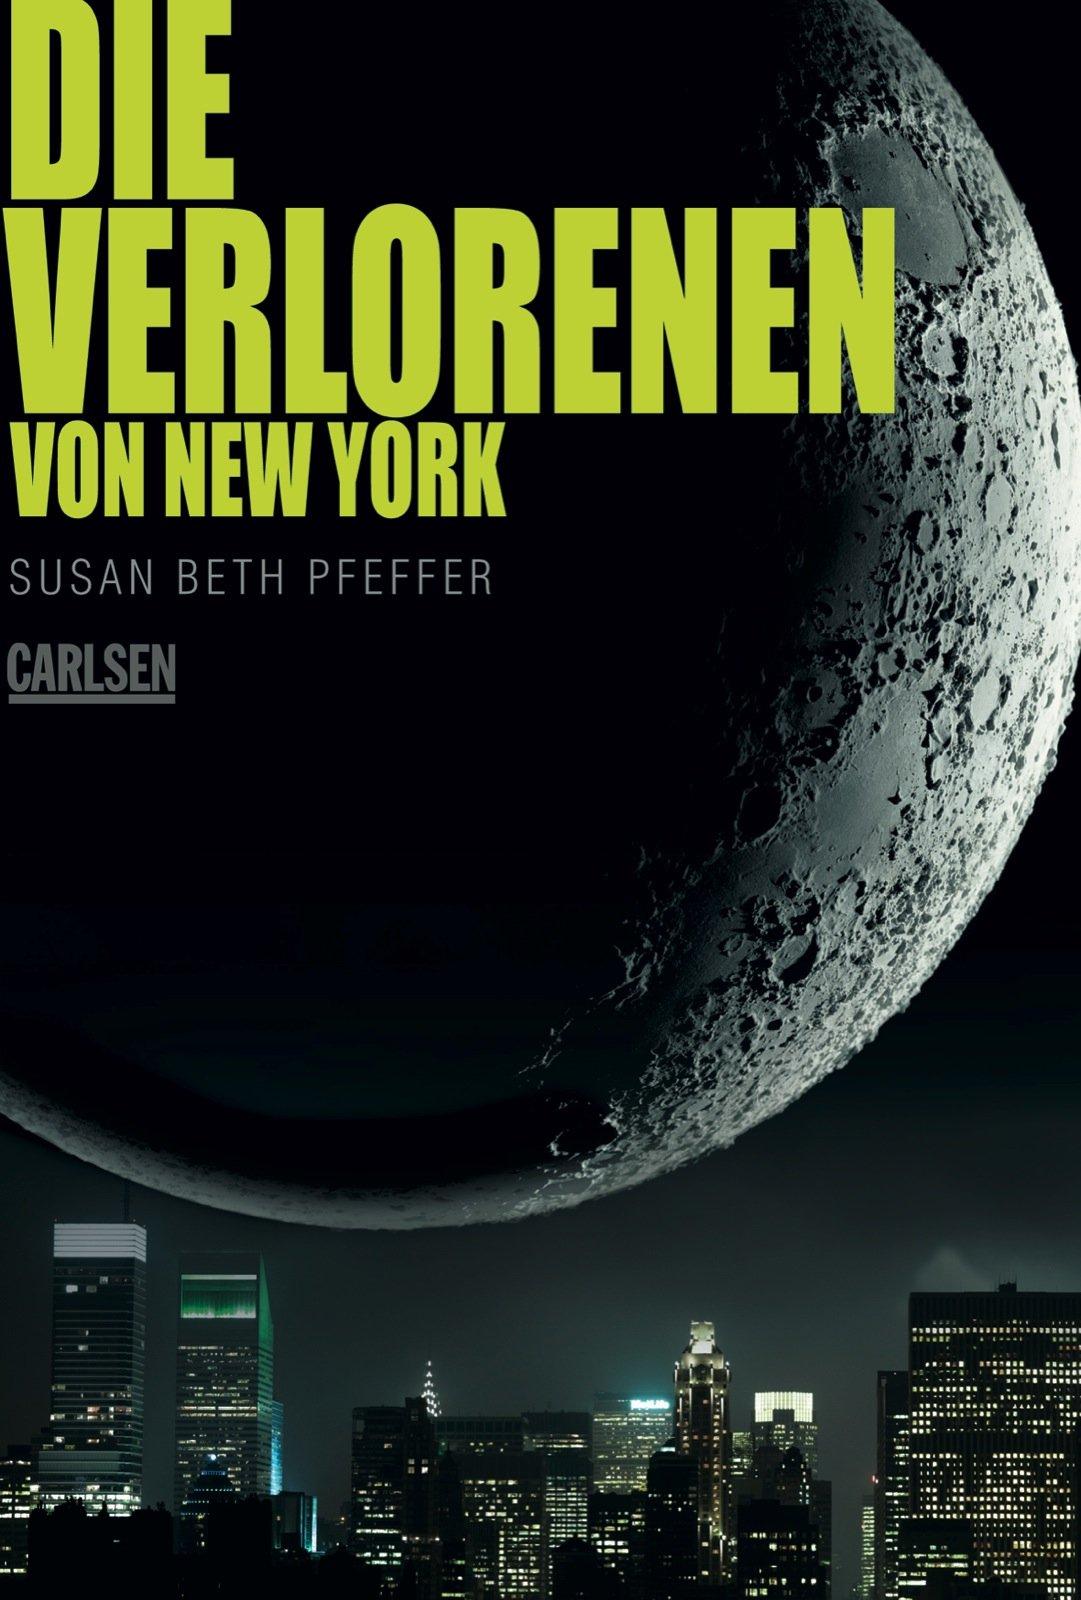 Bildergebnis für die verlorenen von new york carlsen